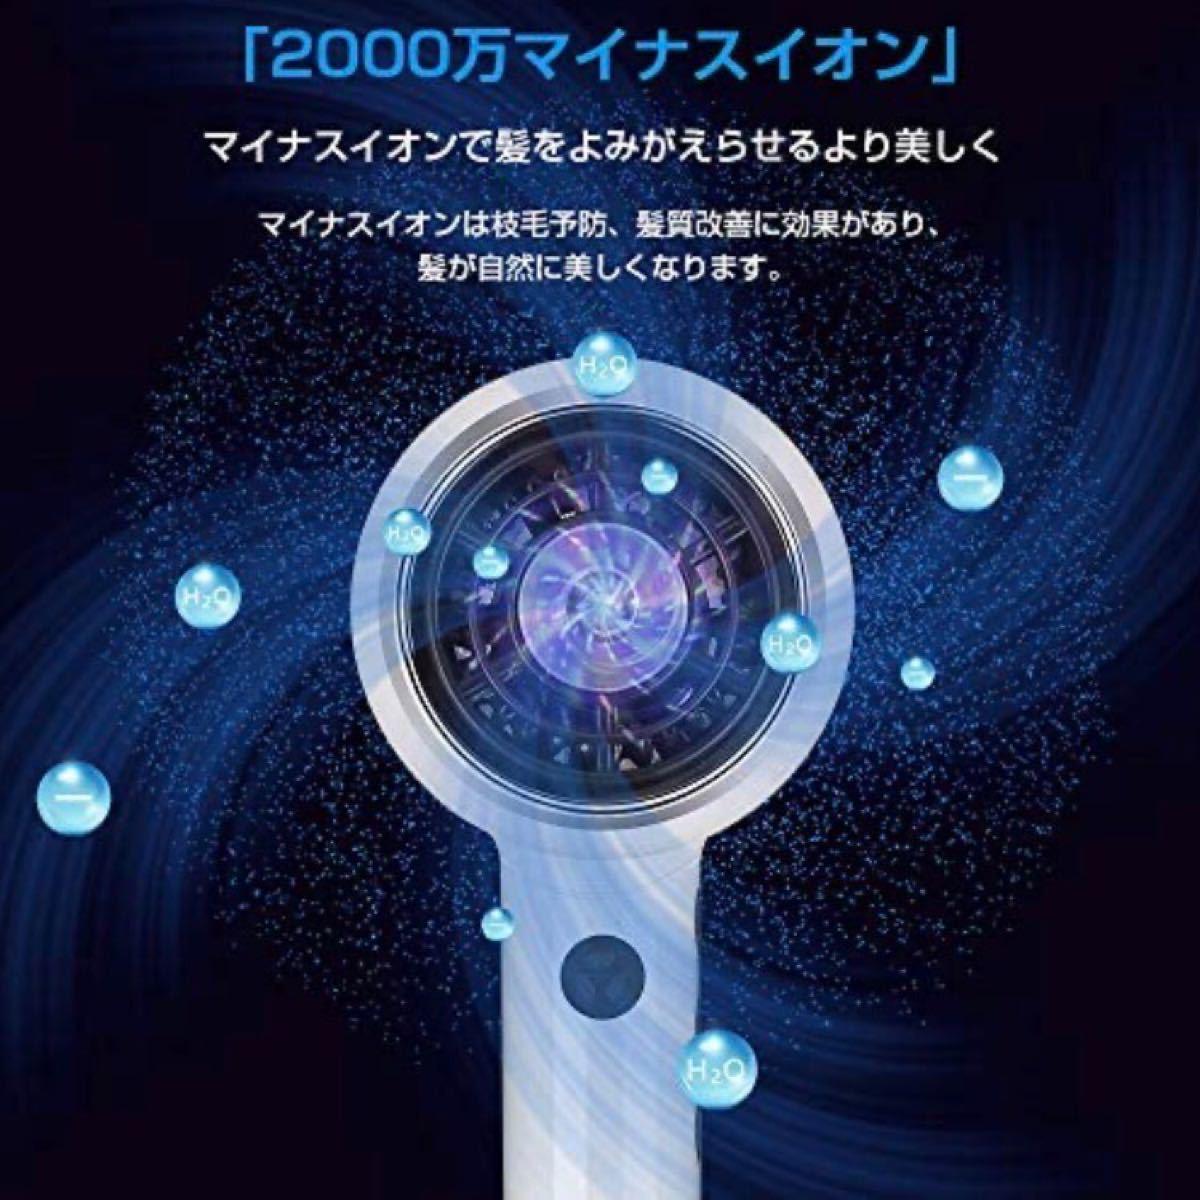 ヘアドライヤー マイナスイオン 超大風量 低騒音 磁気ノズル 液晶ディスプレイ